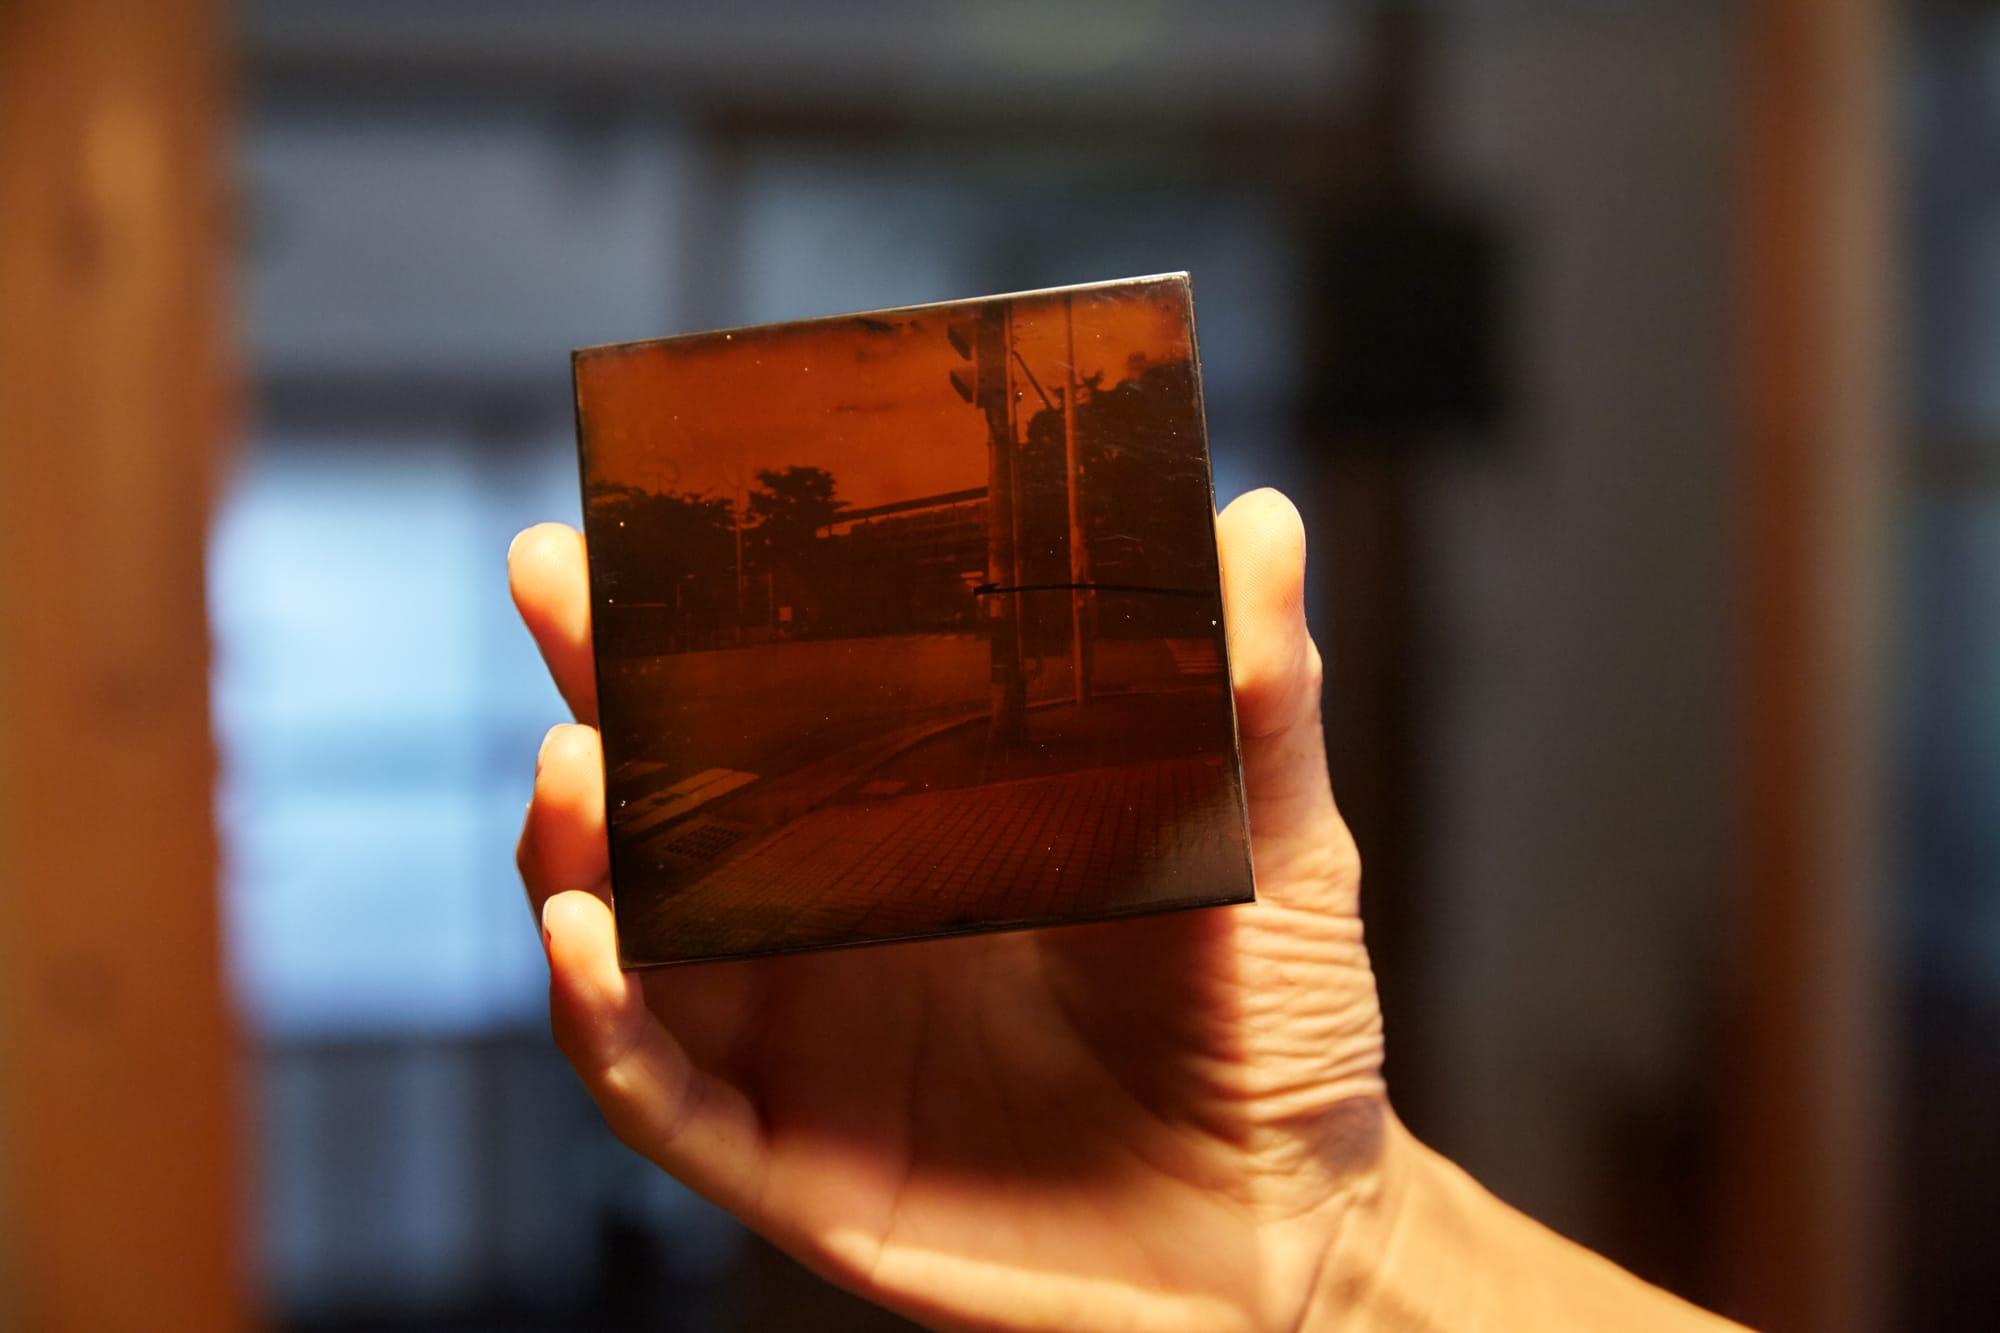 キヤノン写真新世紀の入選作は漆の板に感光性をもたせ、ピンホールカメラで風景を焼きつけたもの。写真は入選作と同じ方法でつくったテストピース。光を反射させると、漆黒の板の上に風景が浮かび上がる。